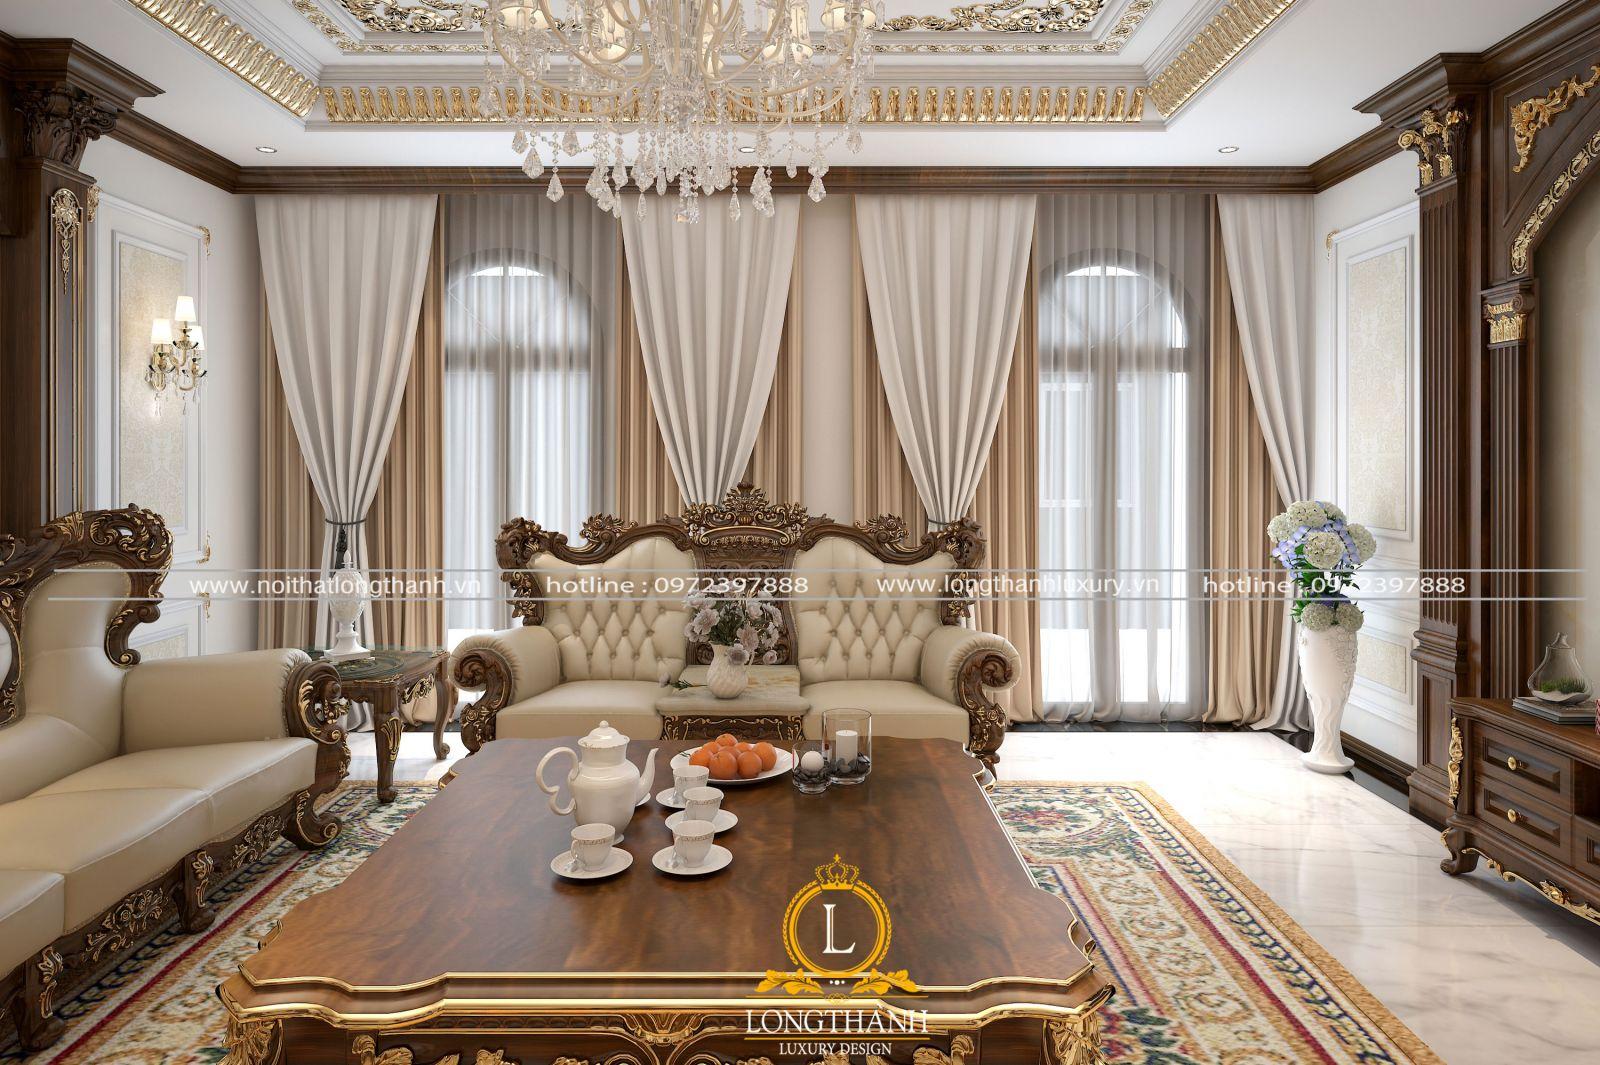 Tận dụng ánh sáng tự nhiên từ cửa sổ kình làm cho không gian phòng khách đẹp